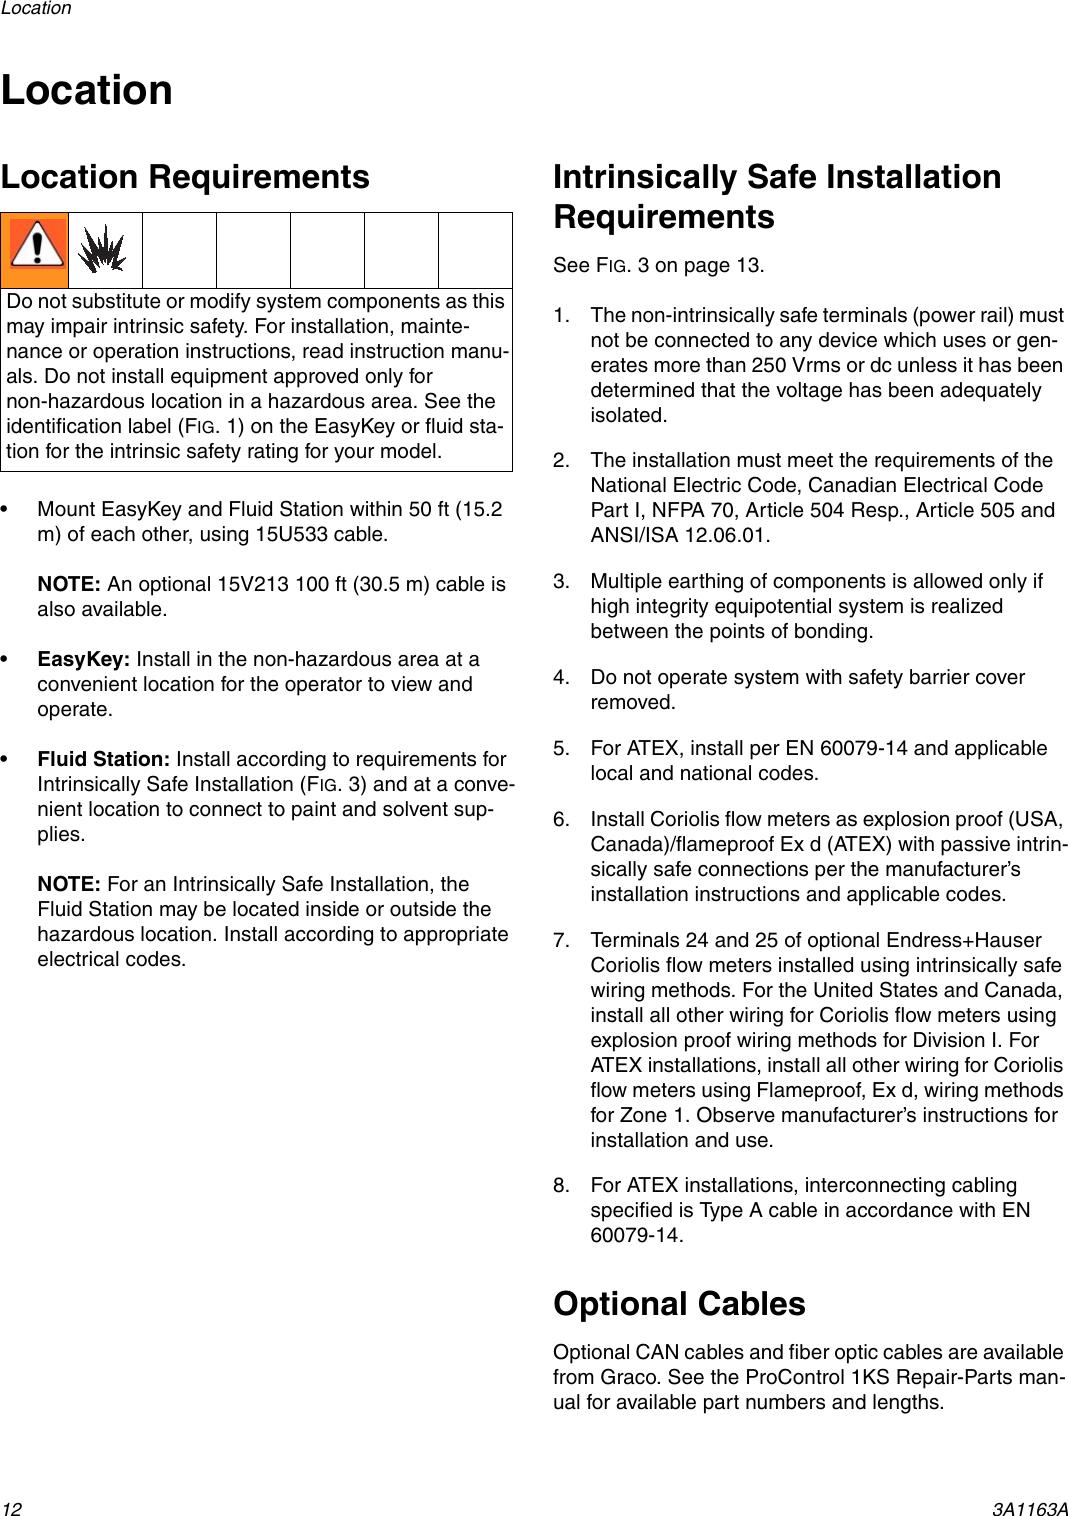 Graco 3A1163A Procontrol 1Ks Users Manual 3A1163A